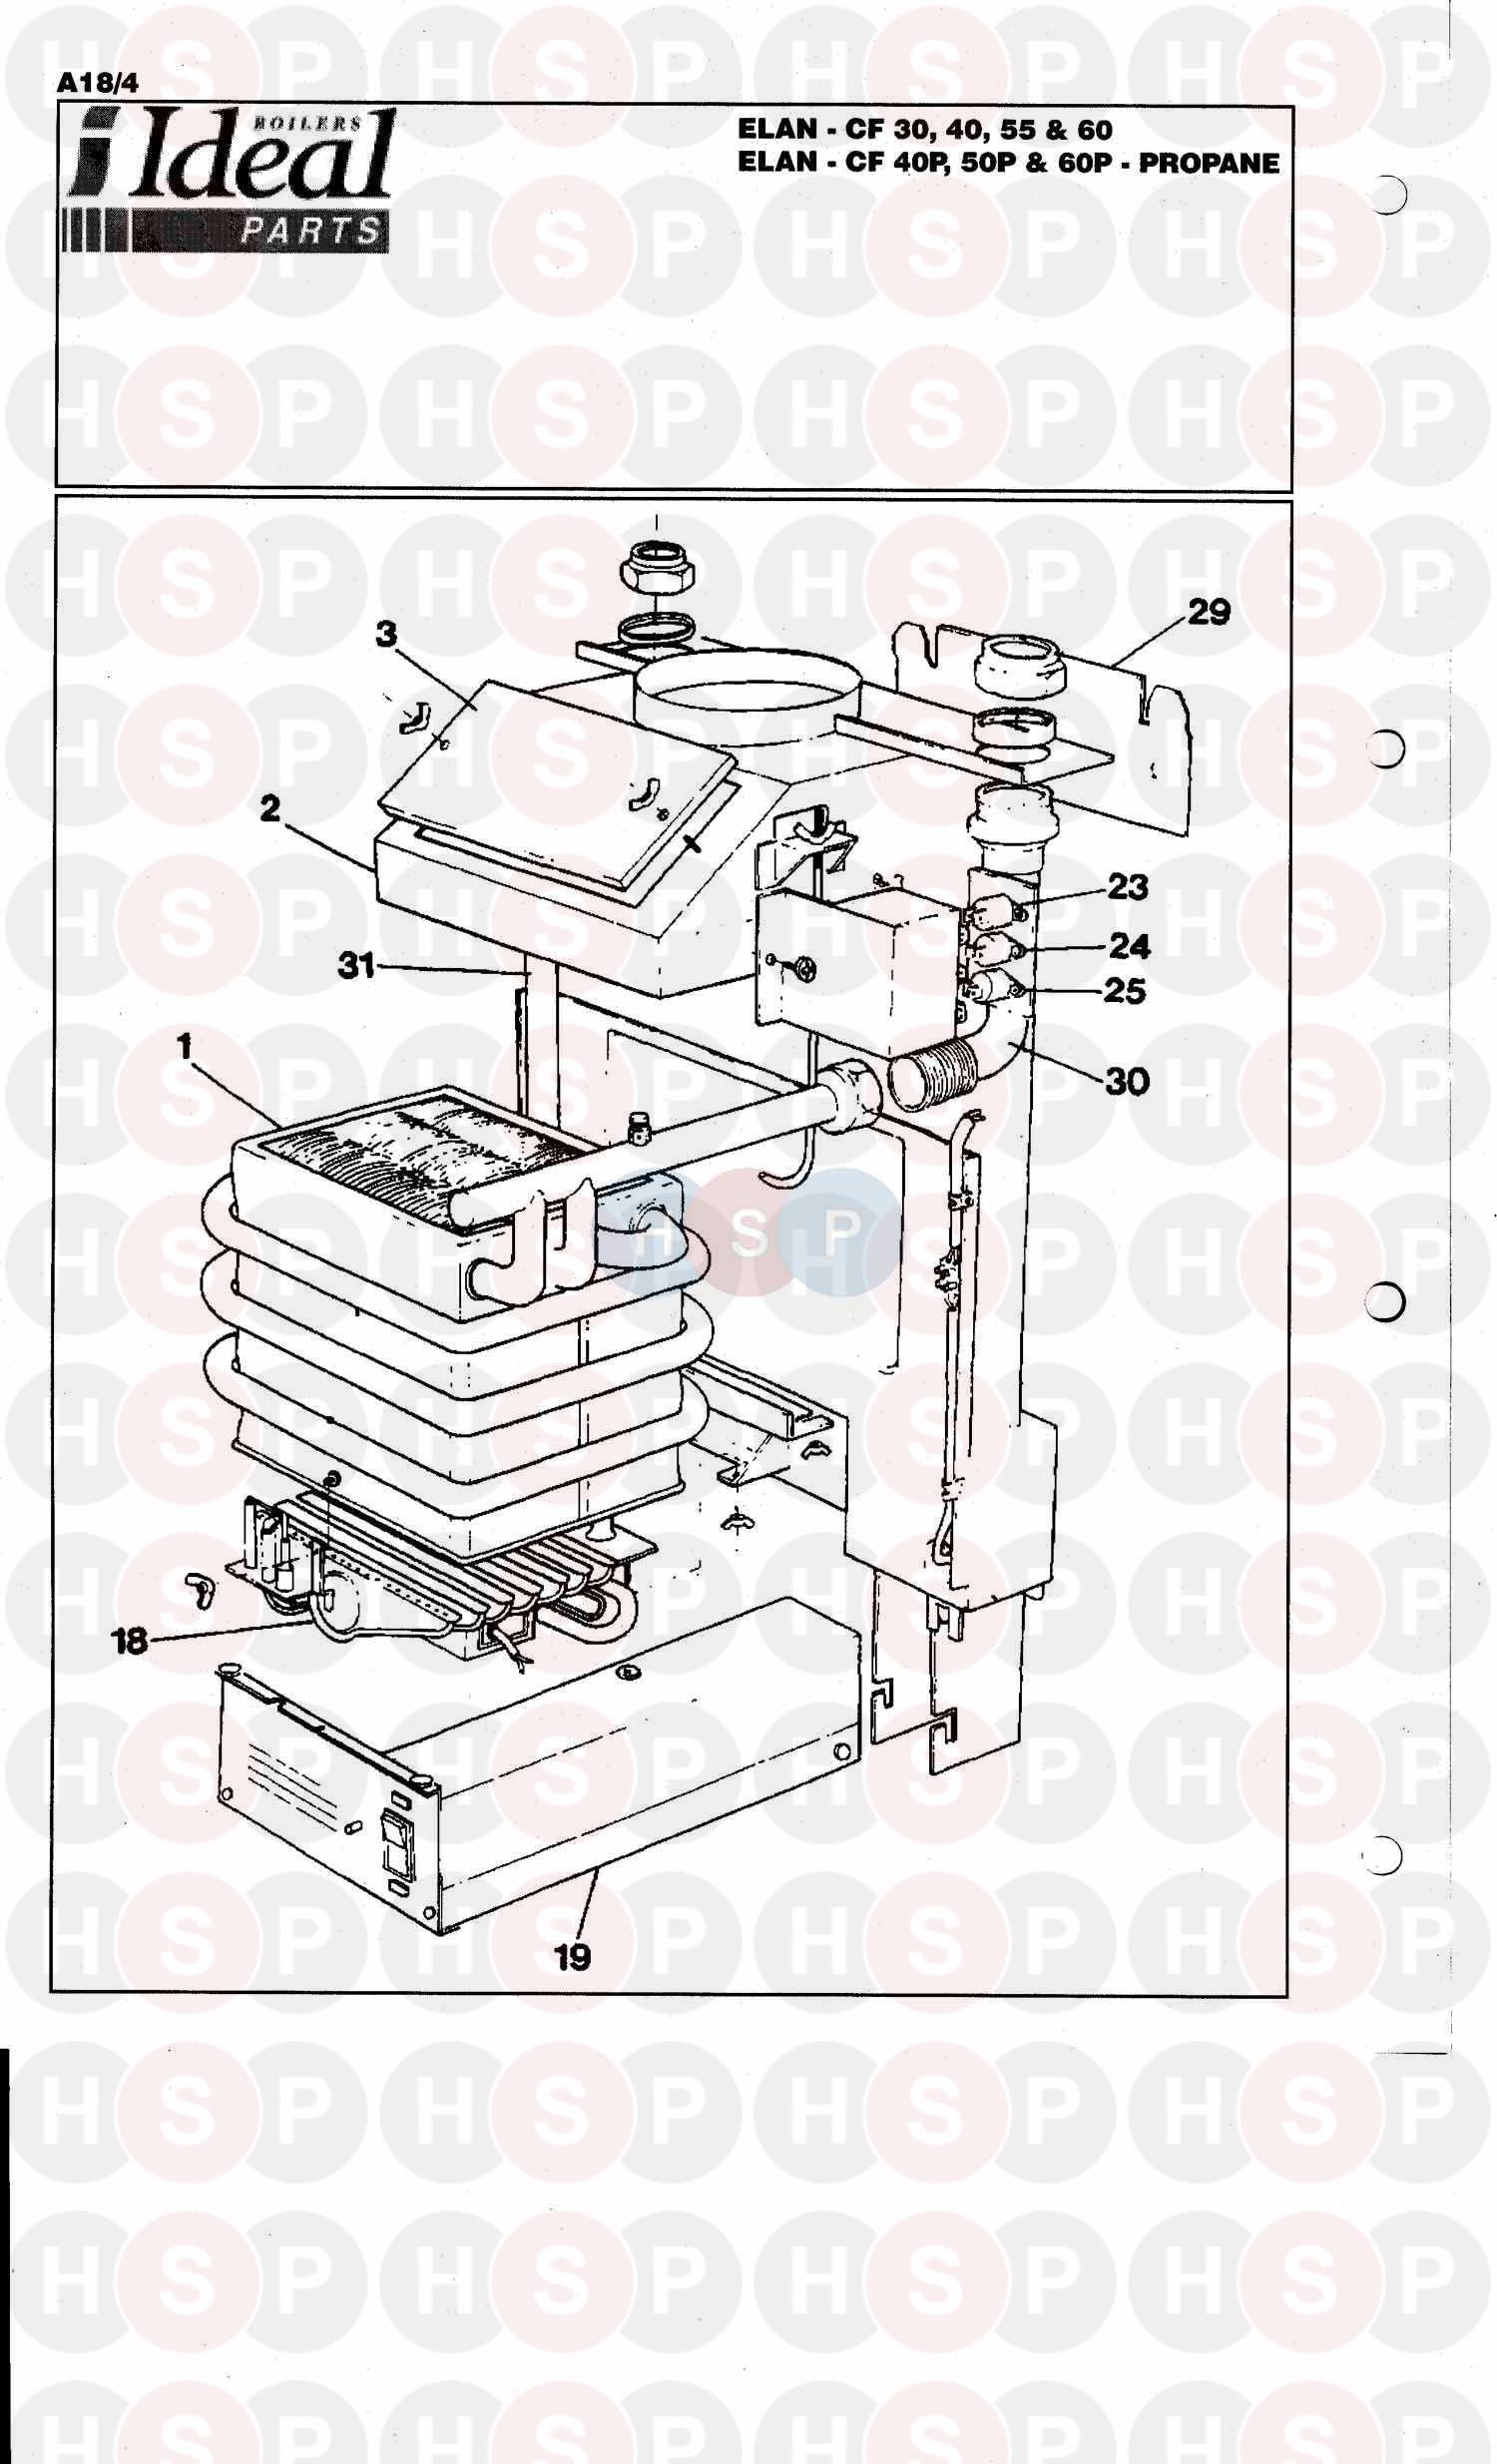 ideal elan cf 30 boiler assembly 1 diagram heating. Black Bedroom Furniture Sets. Home Design Ideas